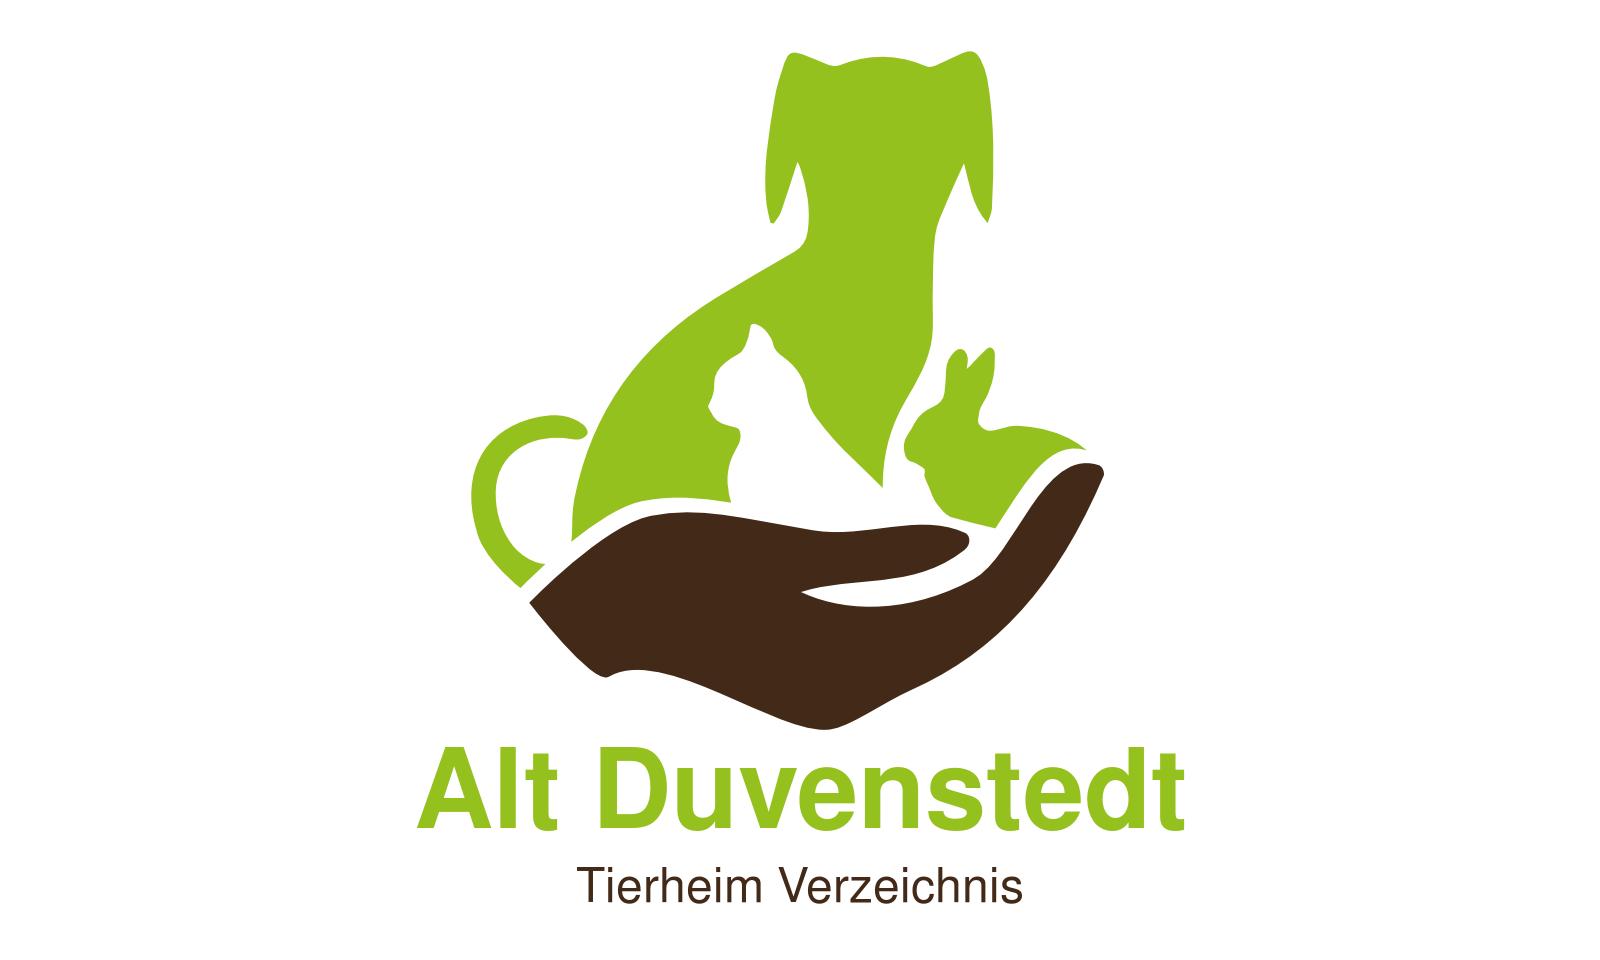 Tierheim Alt Duvenstedt